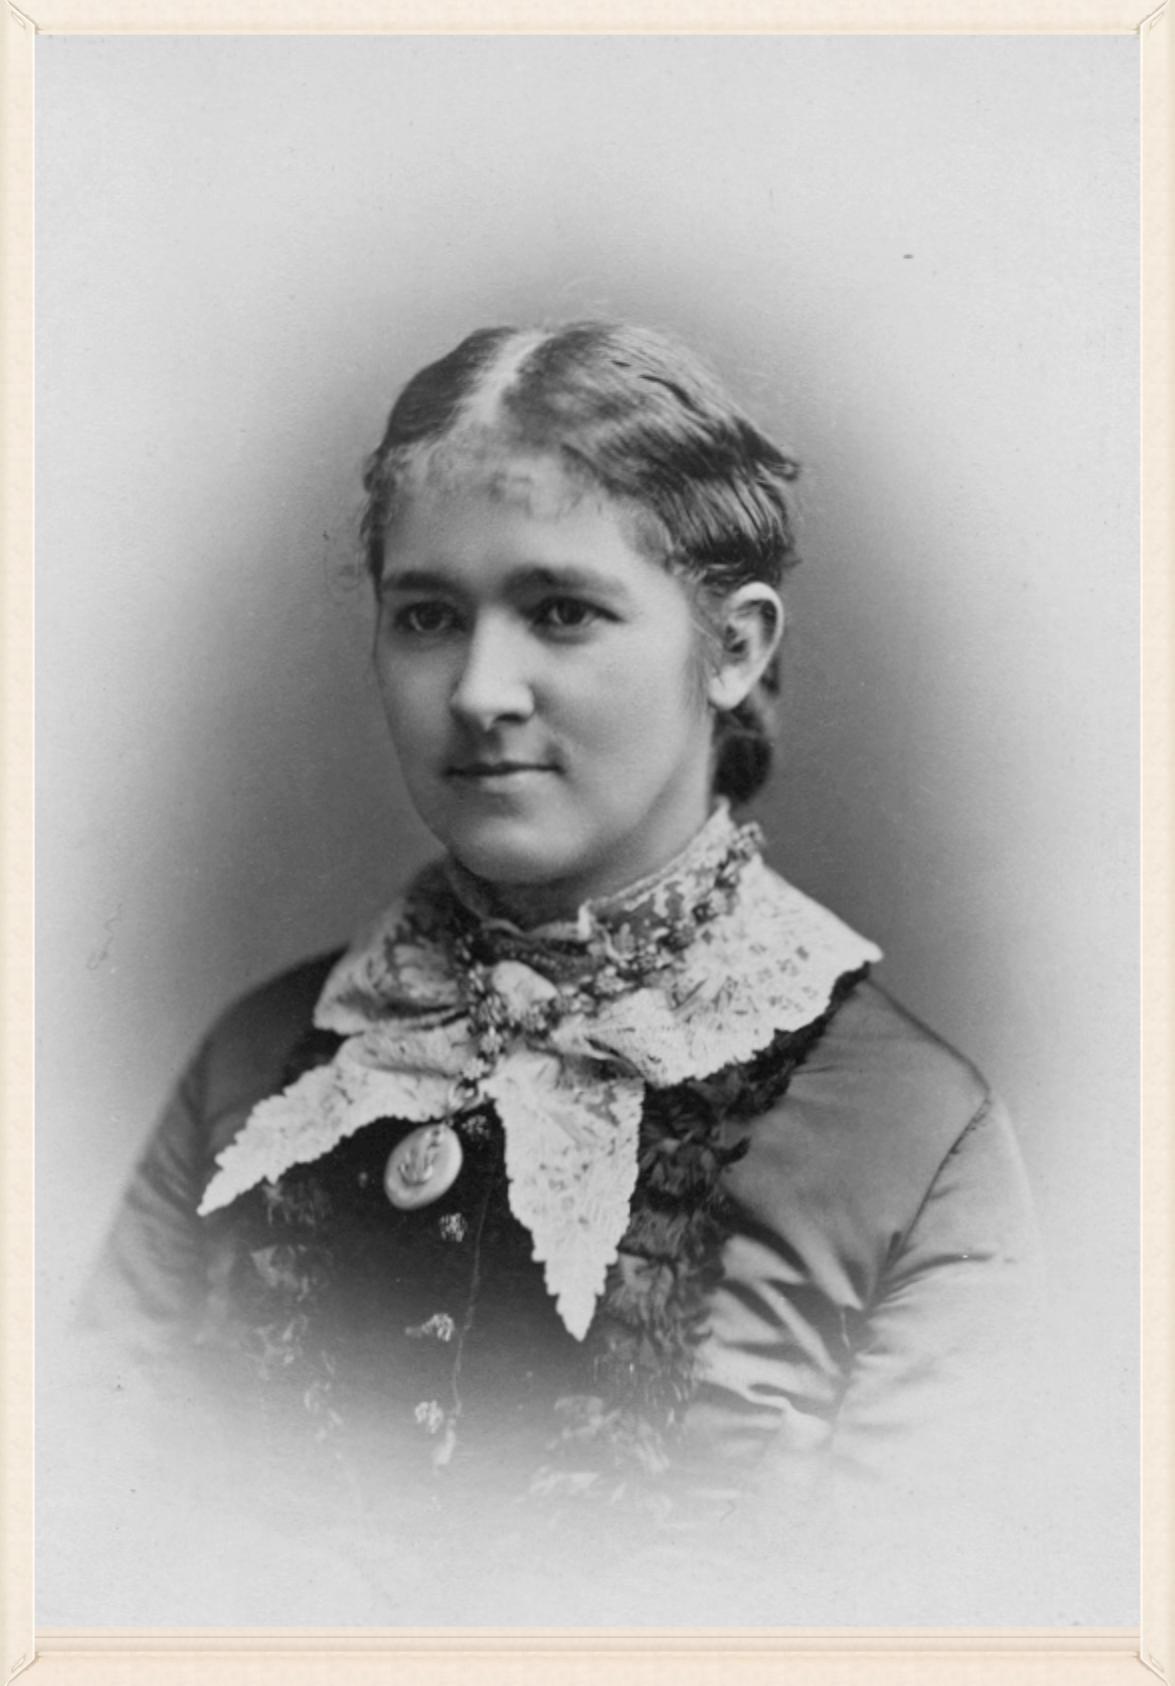 Lucy Hazeltine Sherman